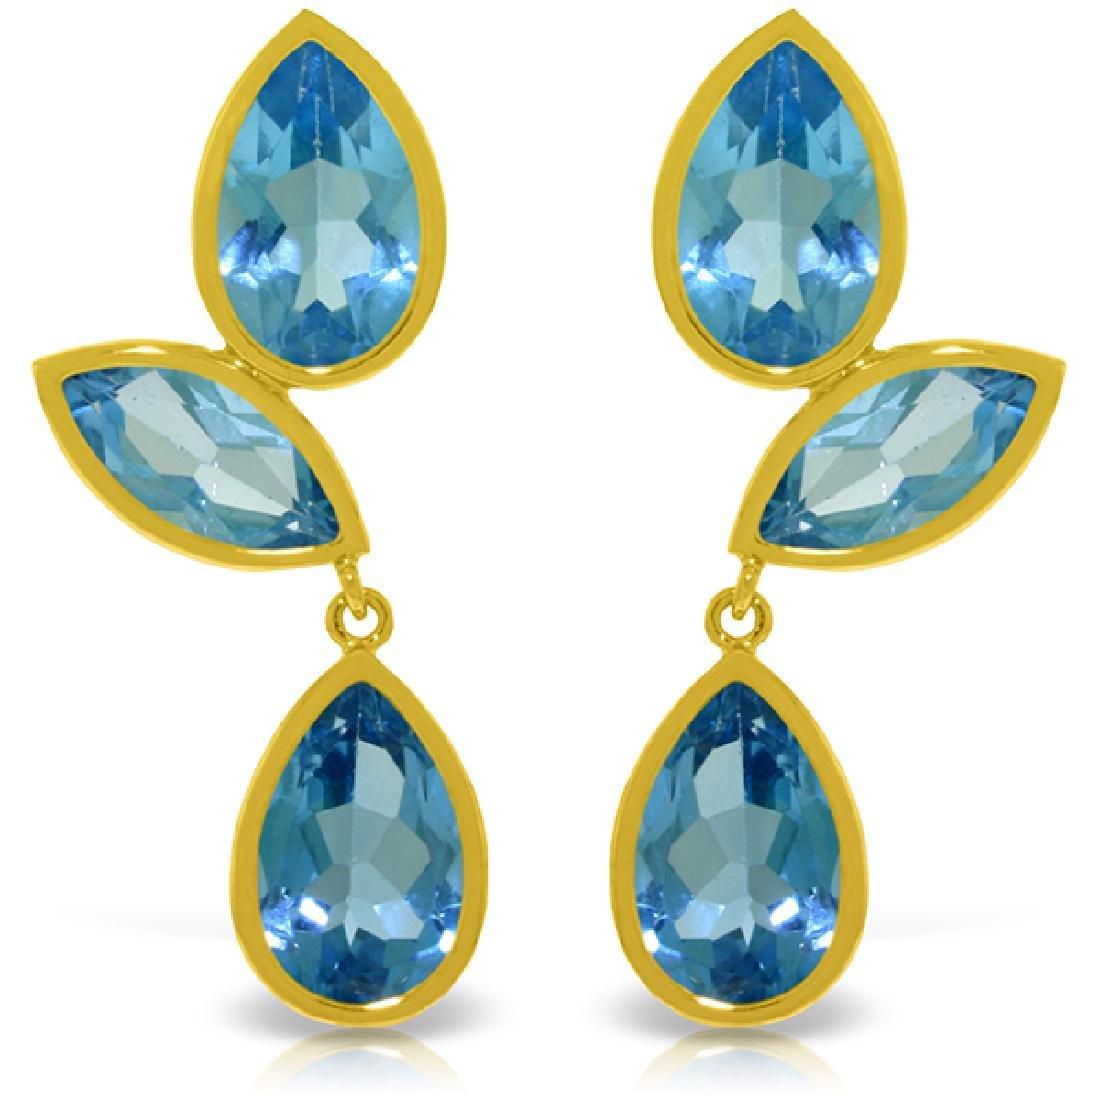 Genuine 13 ctw Blue Topaz Earrings Jewelry 14KT Yellow